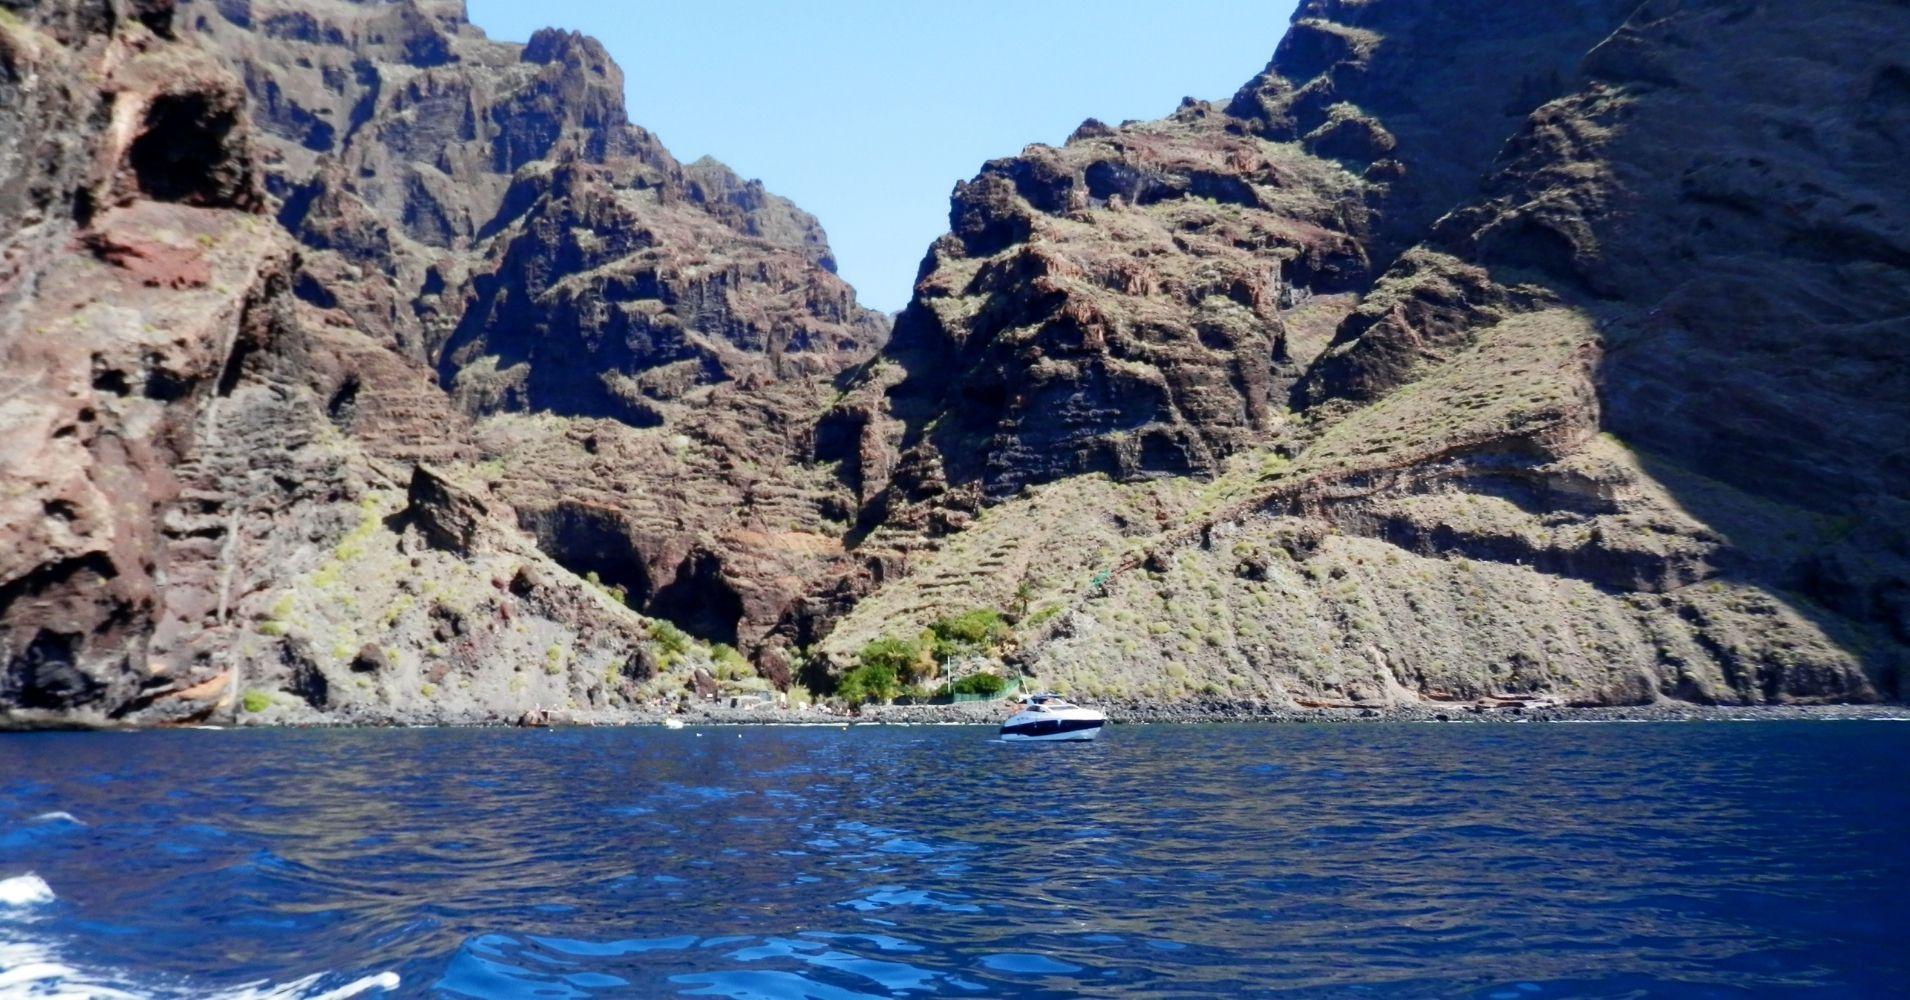 Barranco de Masca y los Gigantes. Isla de Tenerife. Canarias, España.